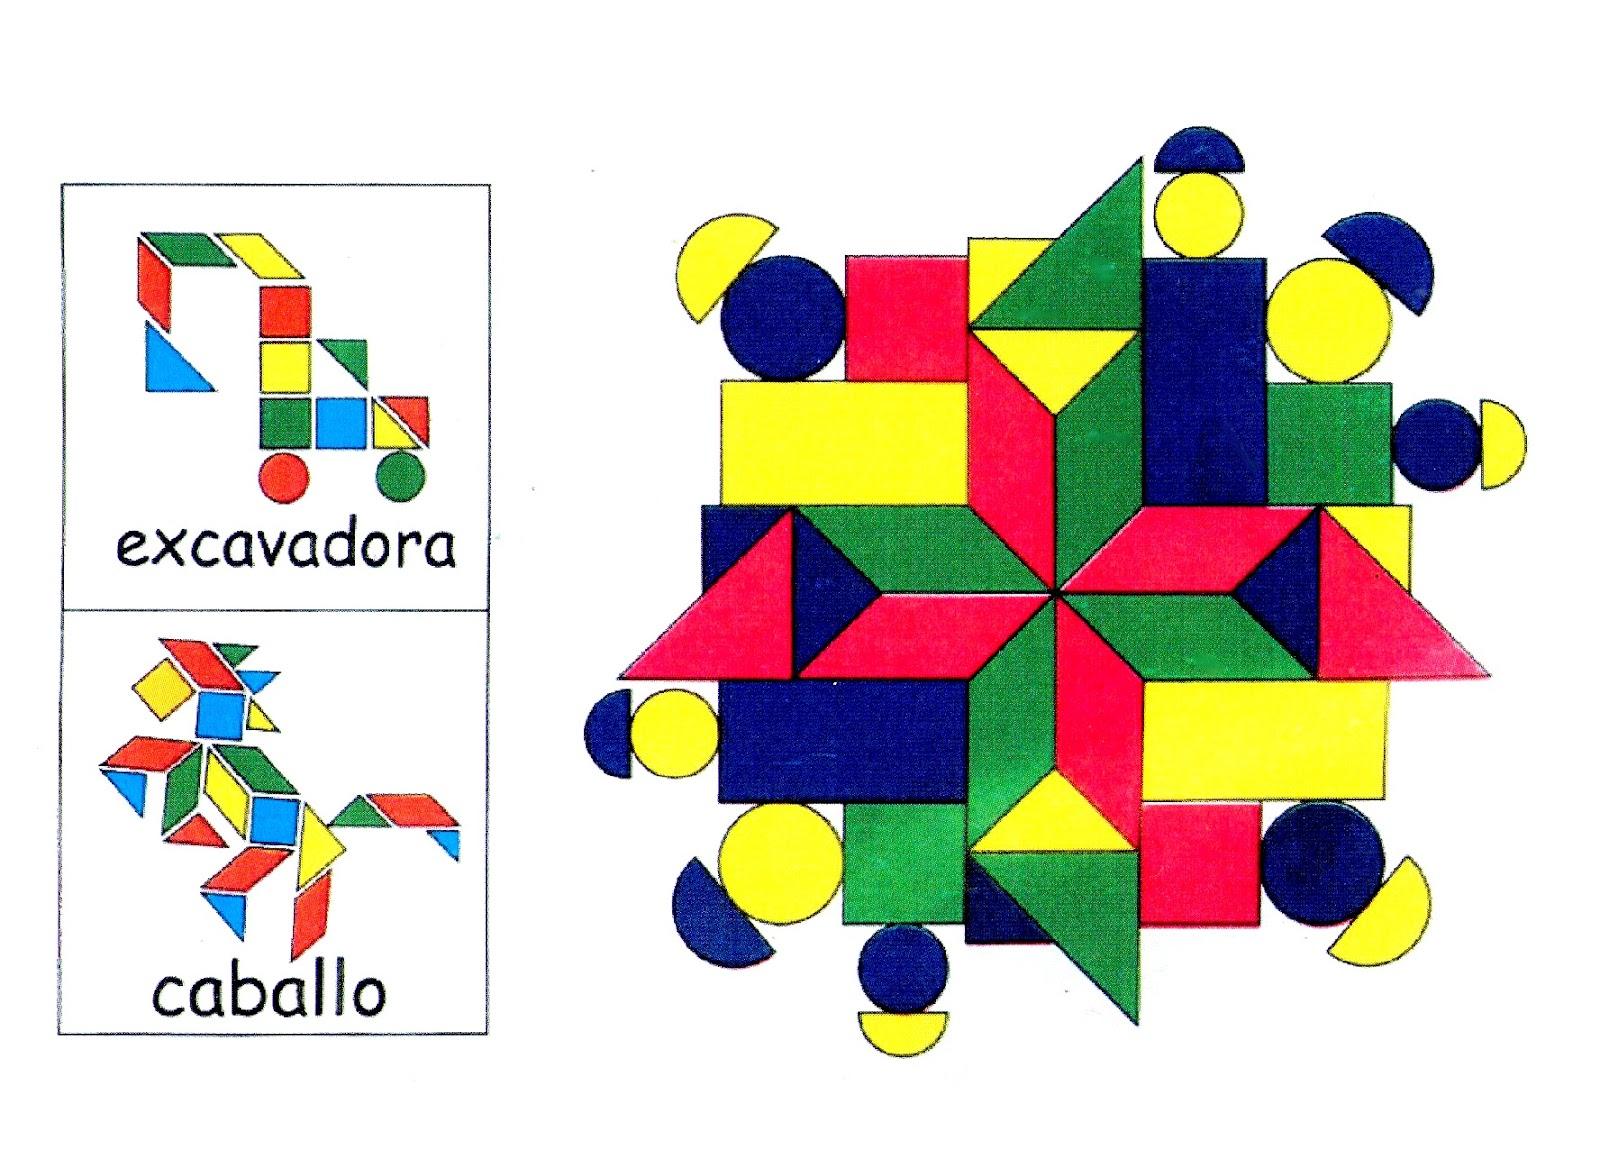 Forma Y Color Juegos Ludicos Ediciones Nueva Era